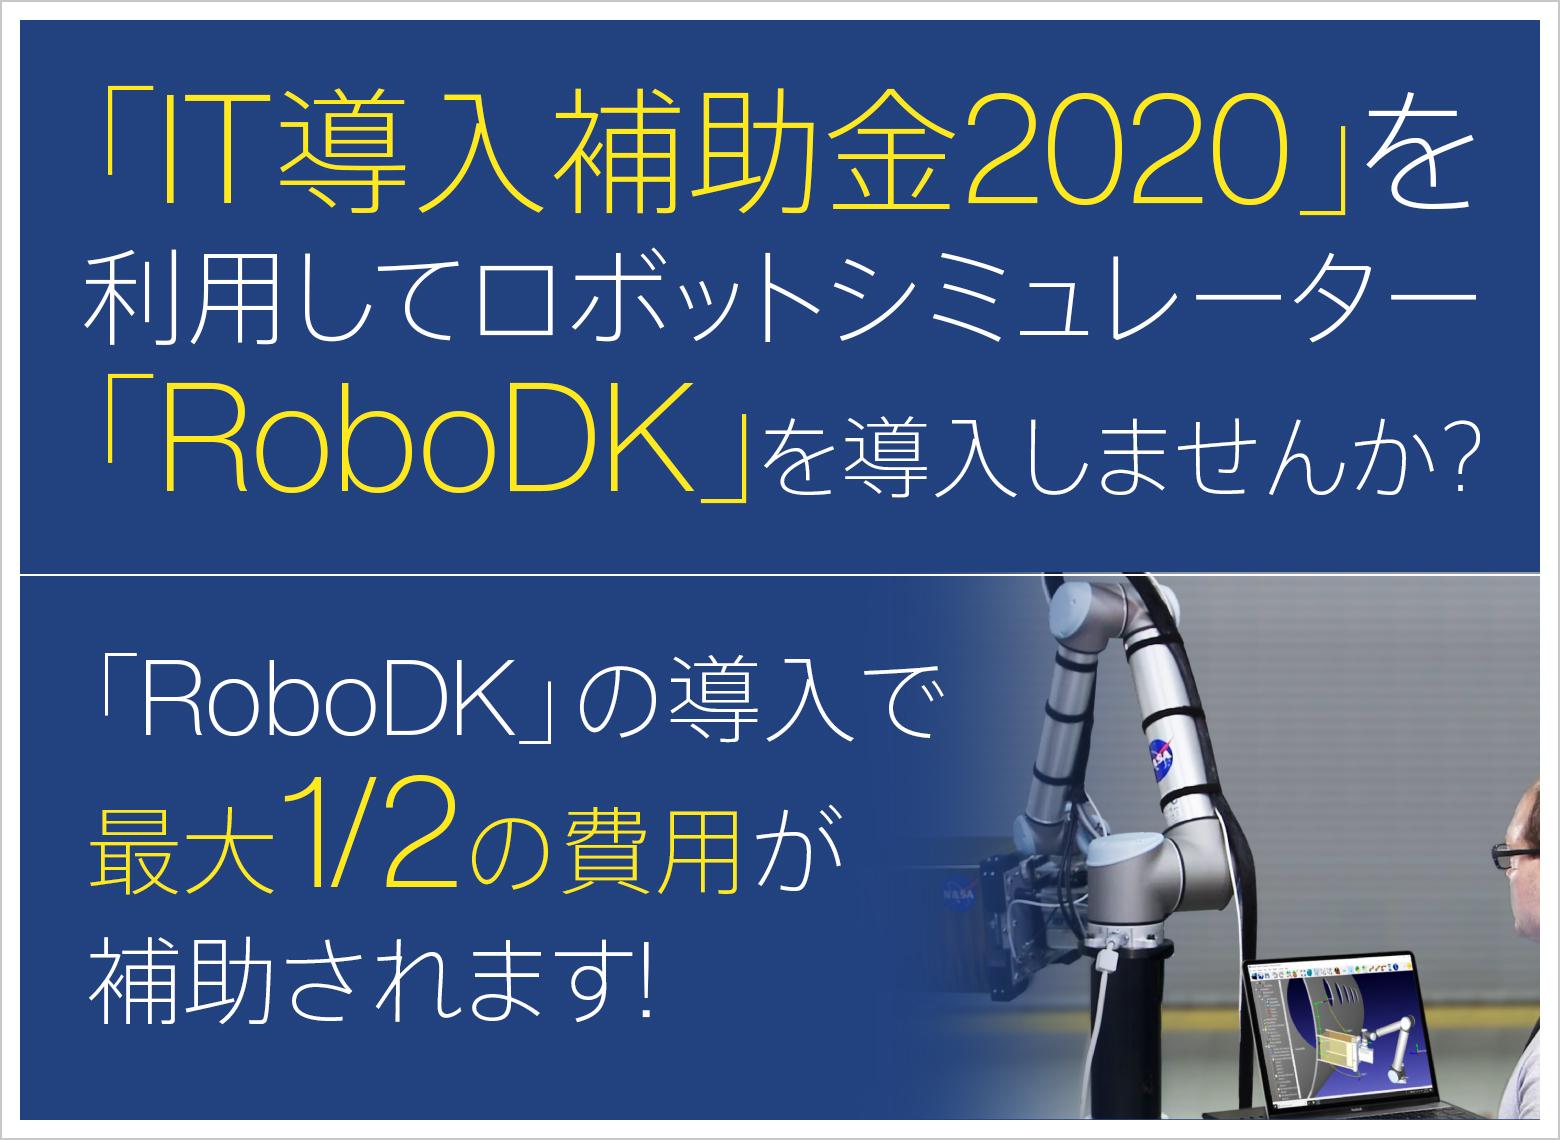 IT導入補助金を利用してロボットシミュレーター「RoboDK」を導入しませんか?